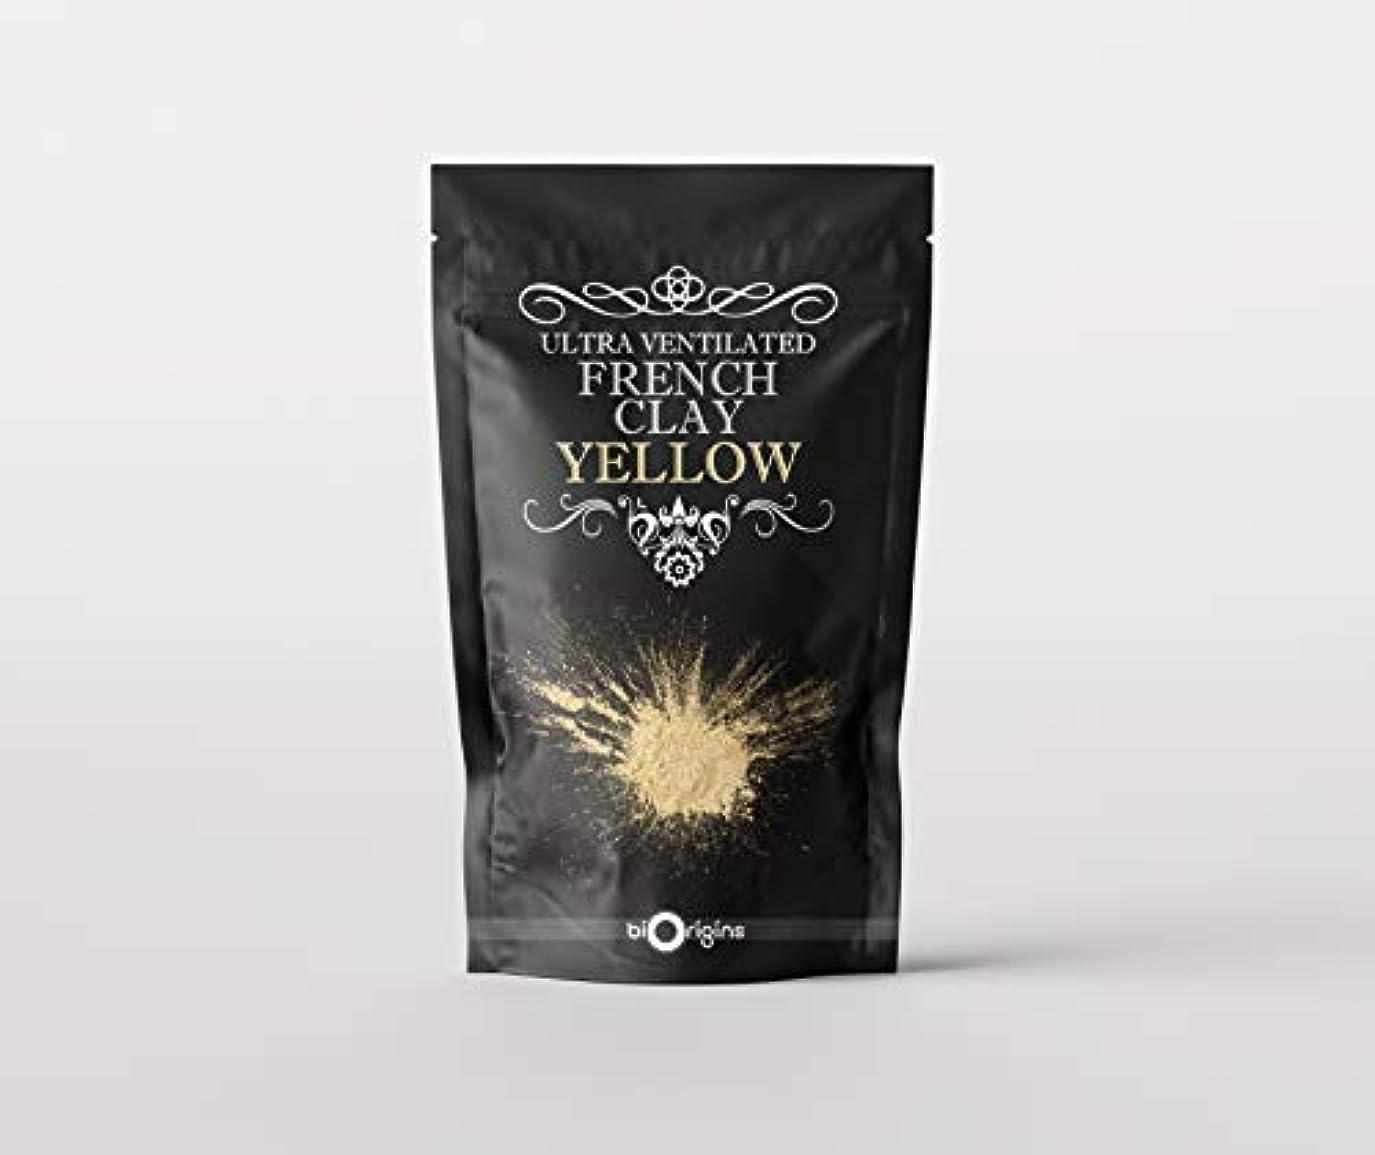 先祖リズミカルなキリンYellow Ultra Ventilated French Clay - 500g